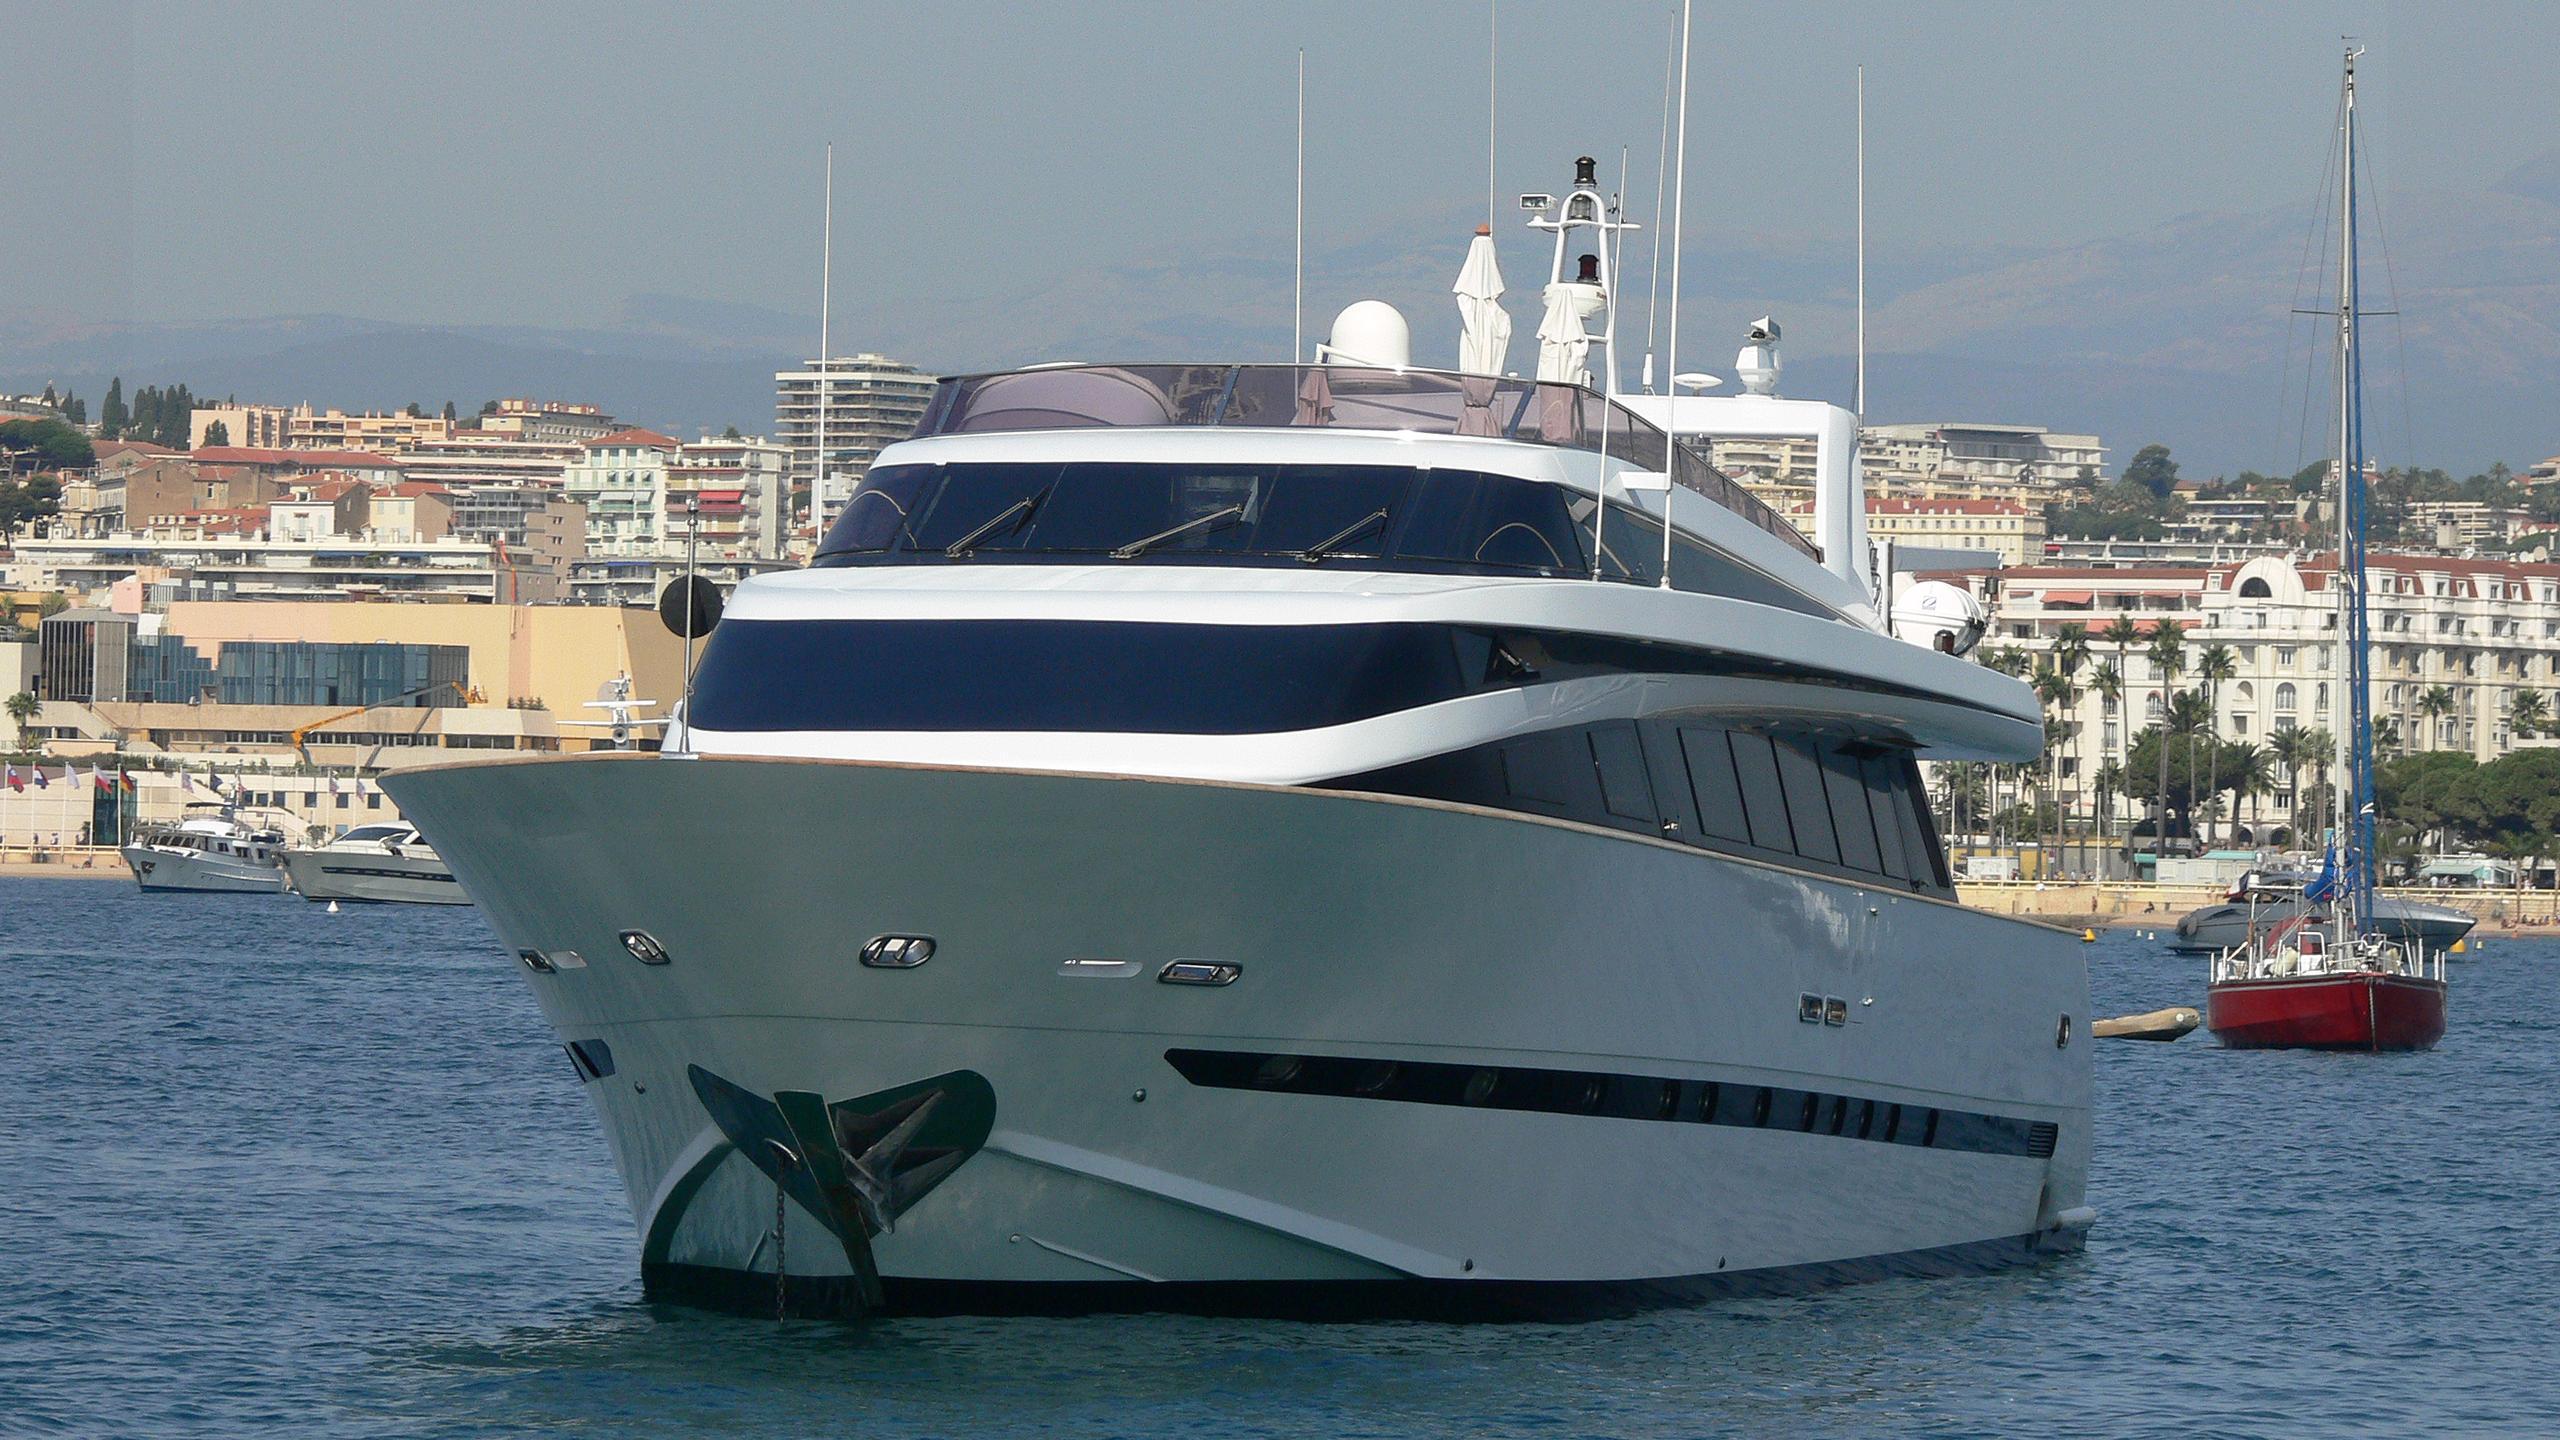 chamade motoryacht mondomarine 30m 1995 bow